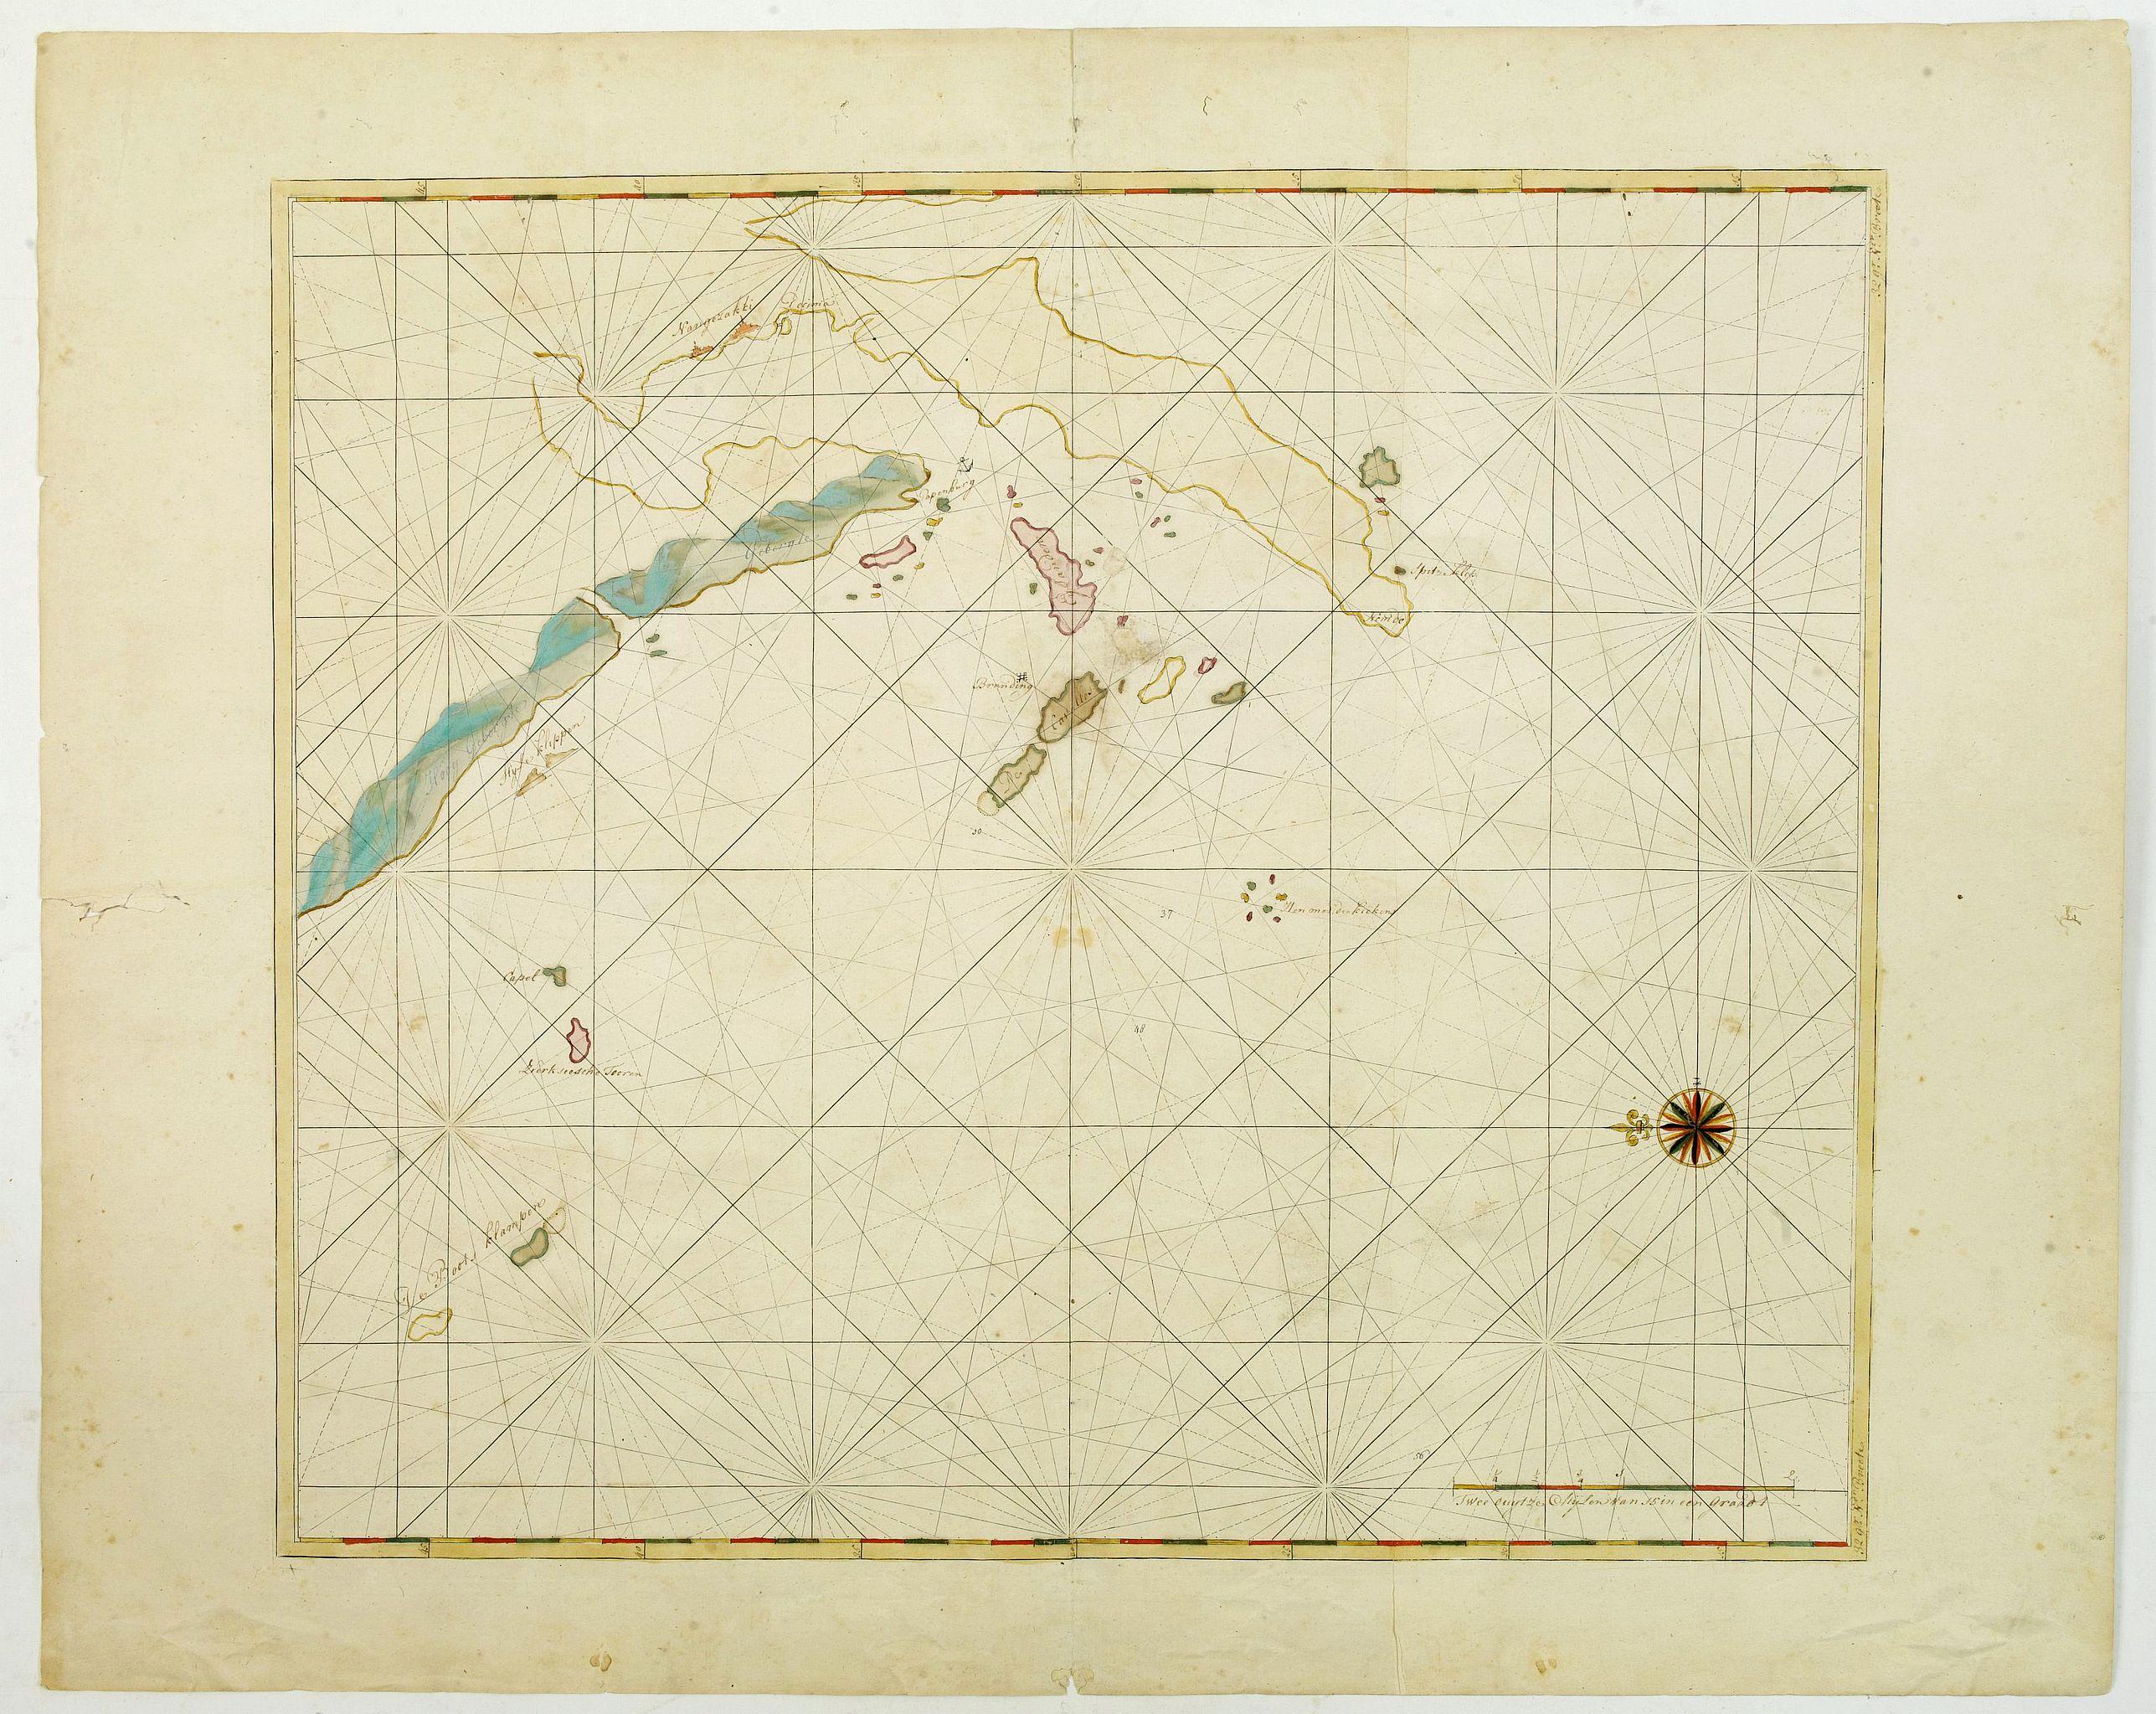 VAN KEULEN, J. -  Manuscript map of the Bay of Nagasaki.